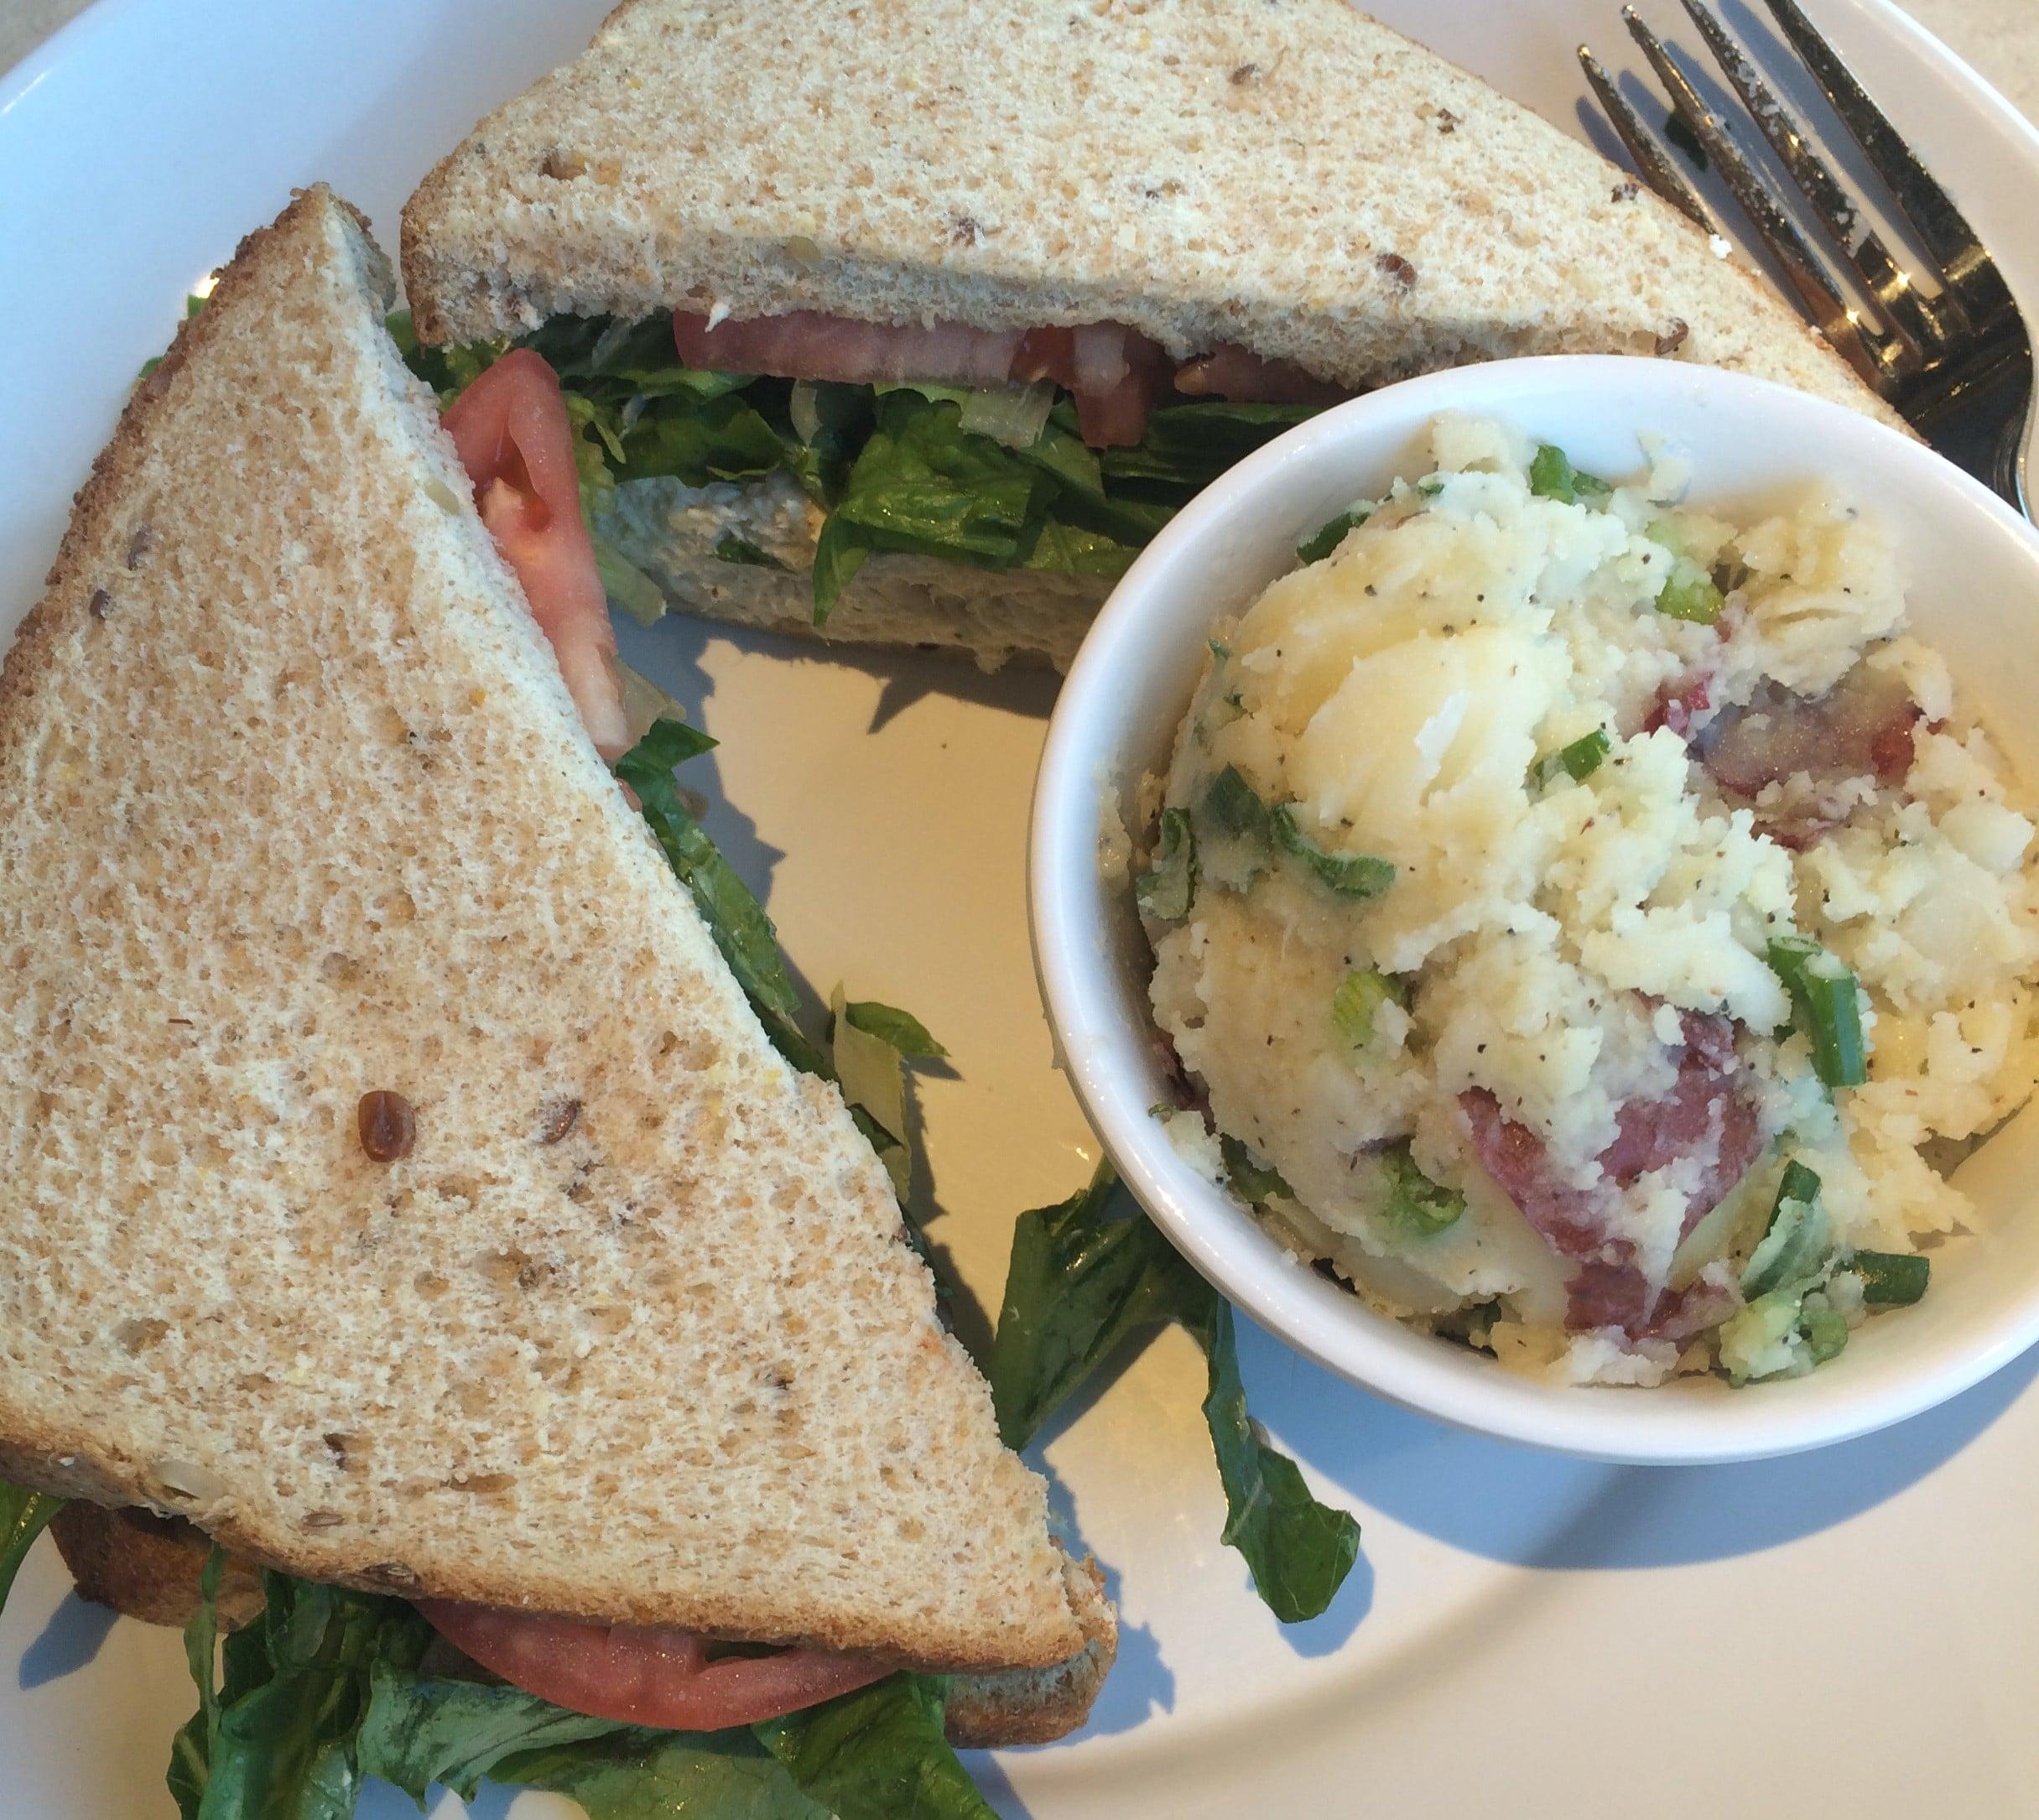 Zoes Kitchen Chicken Salad Sandwich Zoes Kitchen Foodie Review